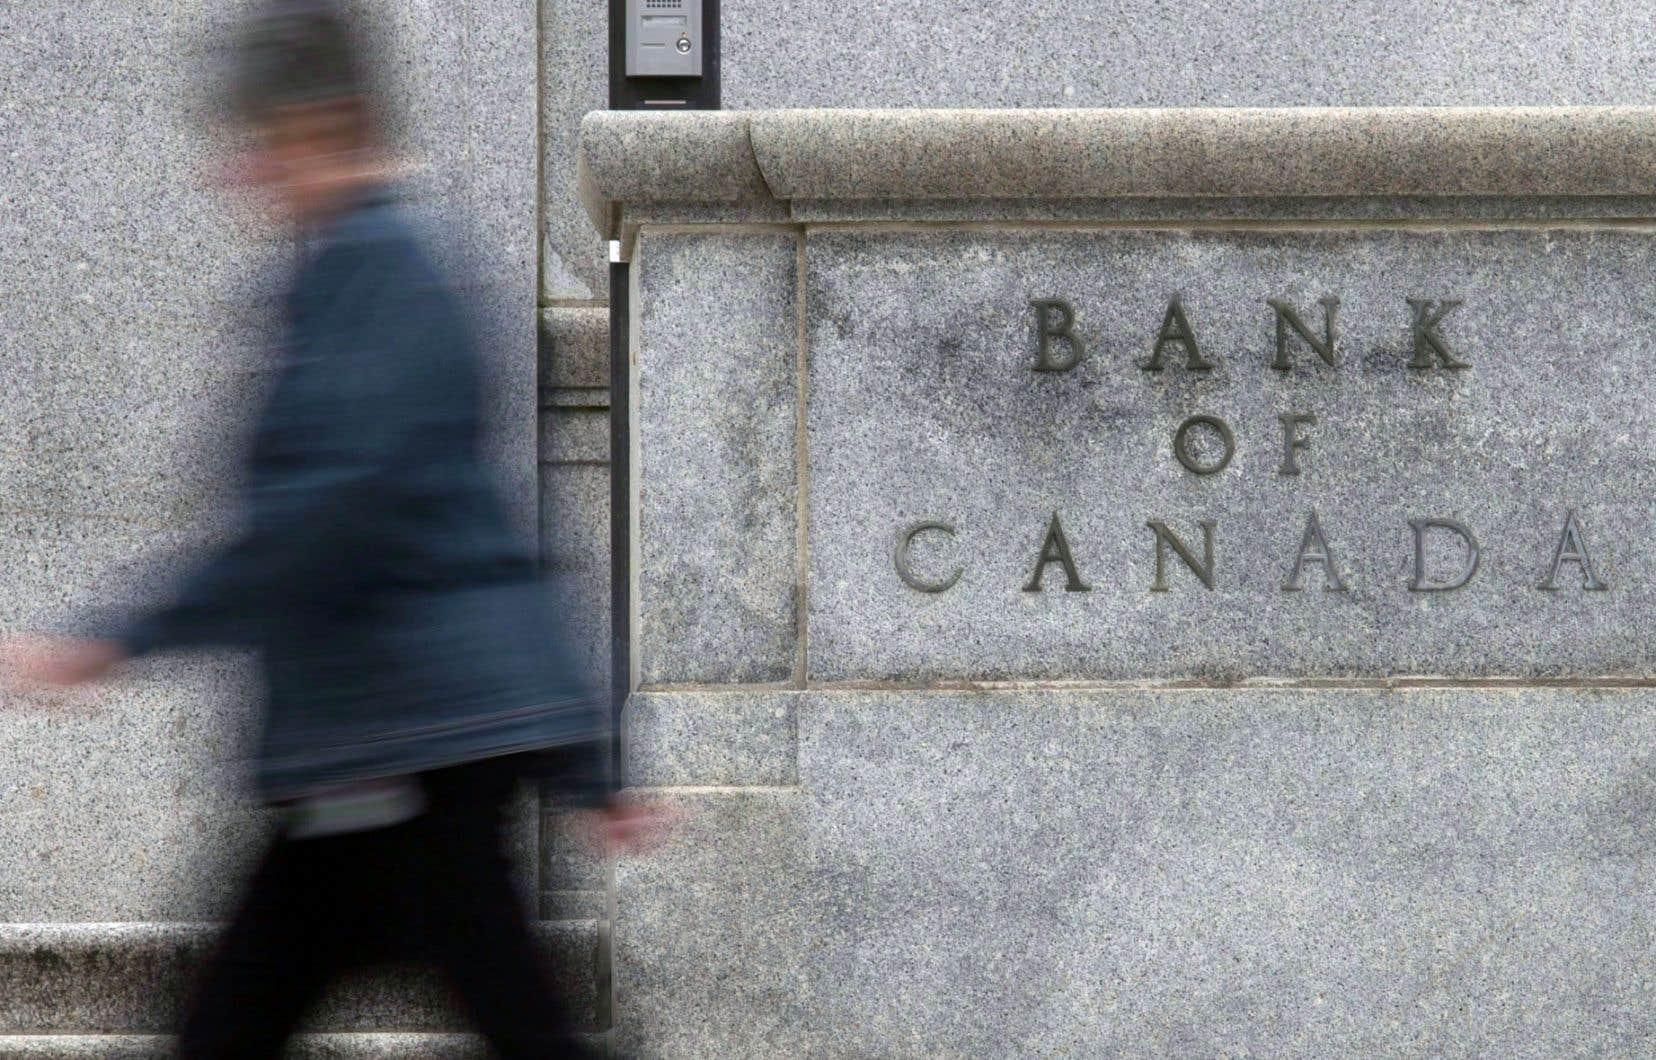 Les taux d'intérêt ont été haussés à trois reprises depuis l'été dernier. La plus récente hausse a été réalisée en janvier.